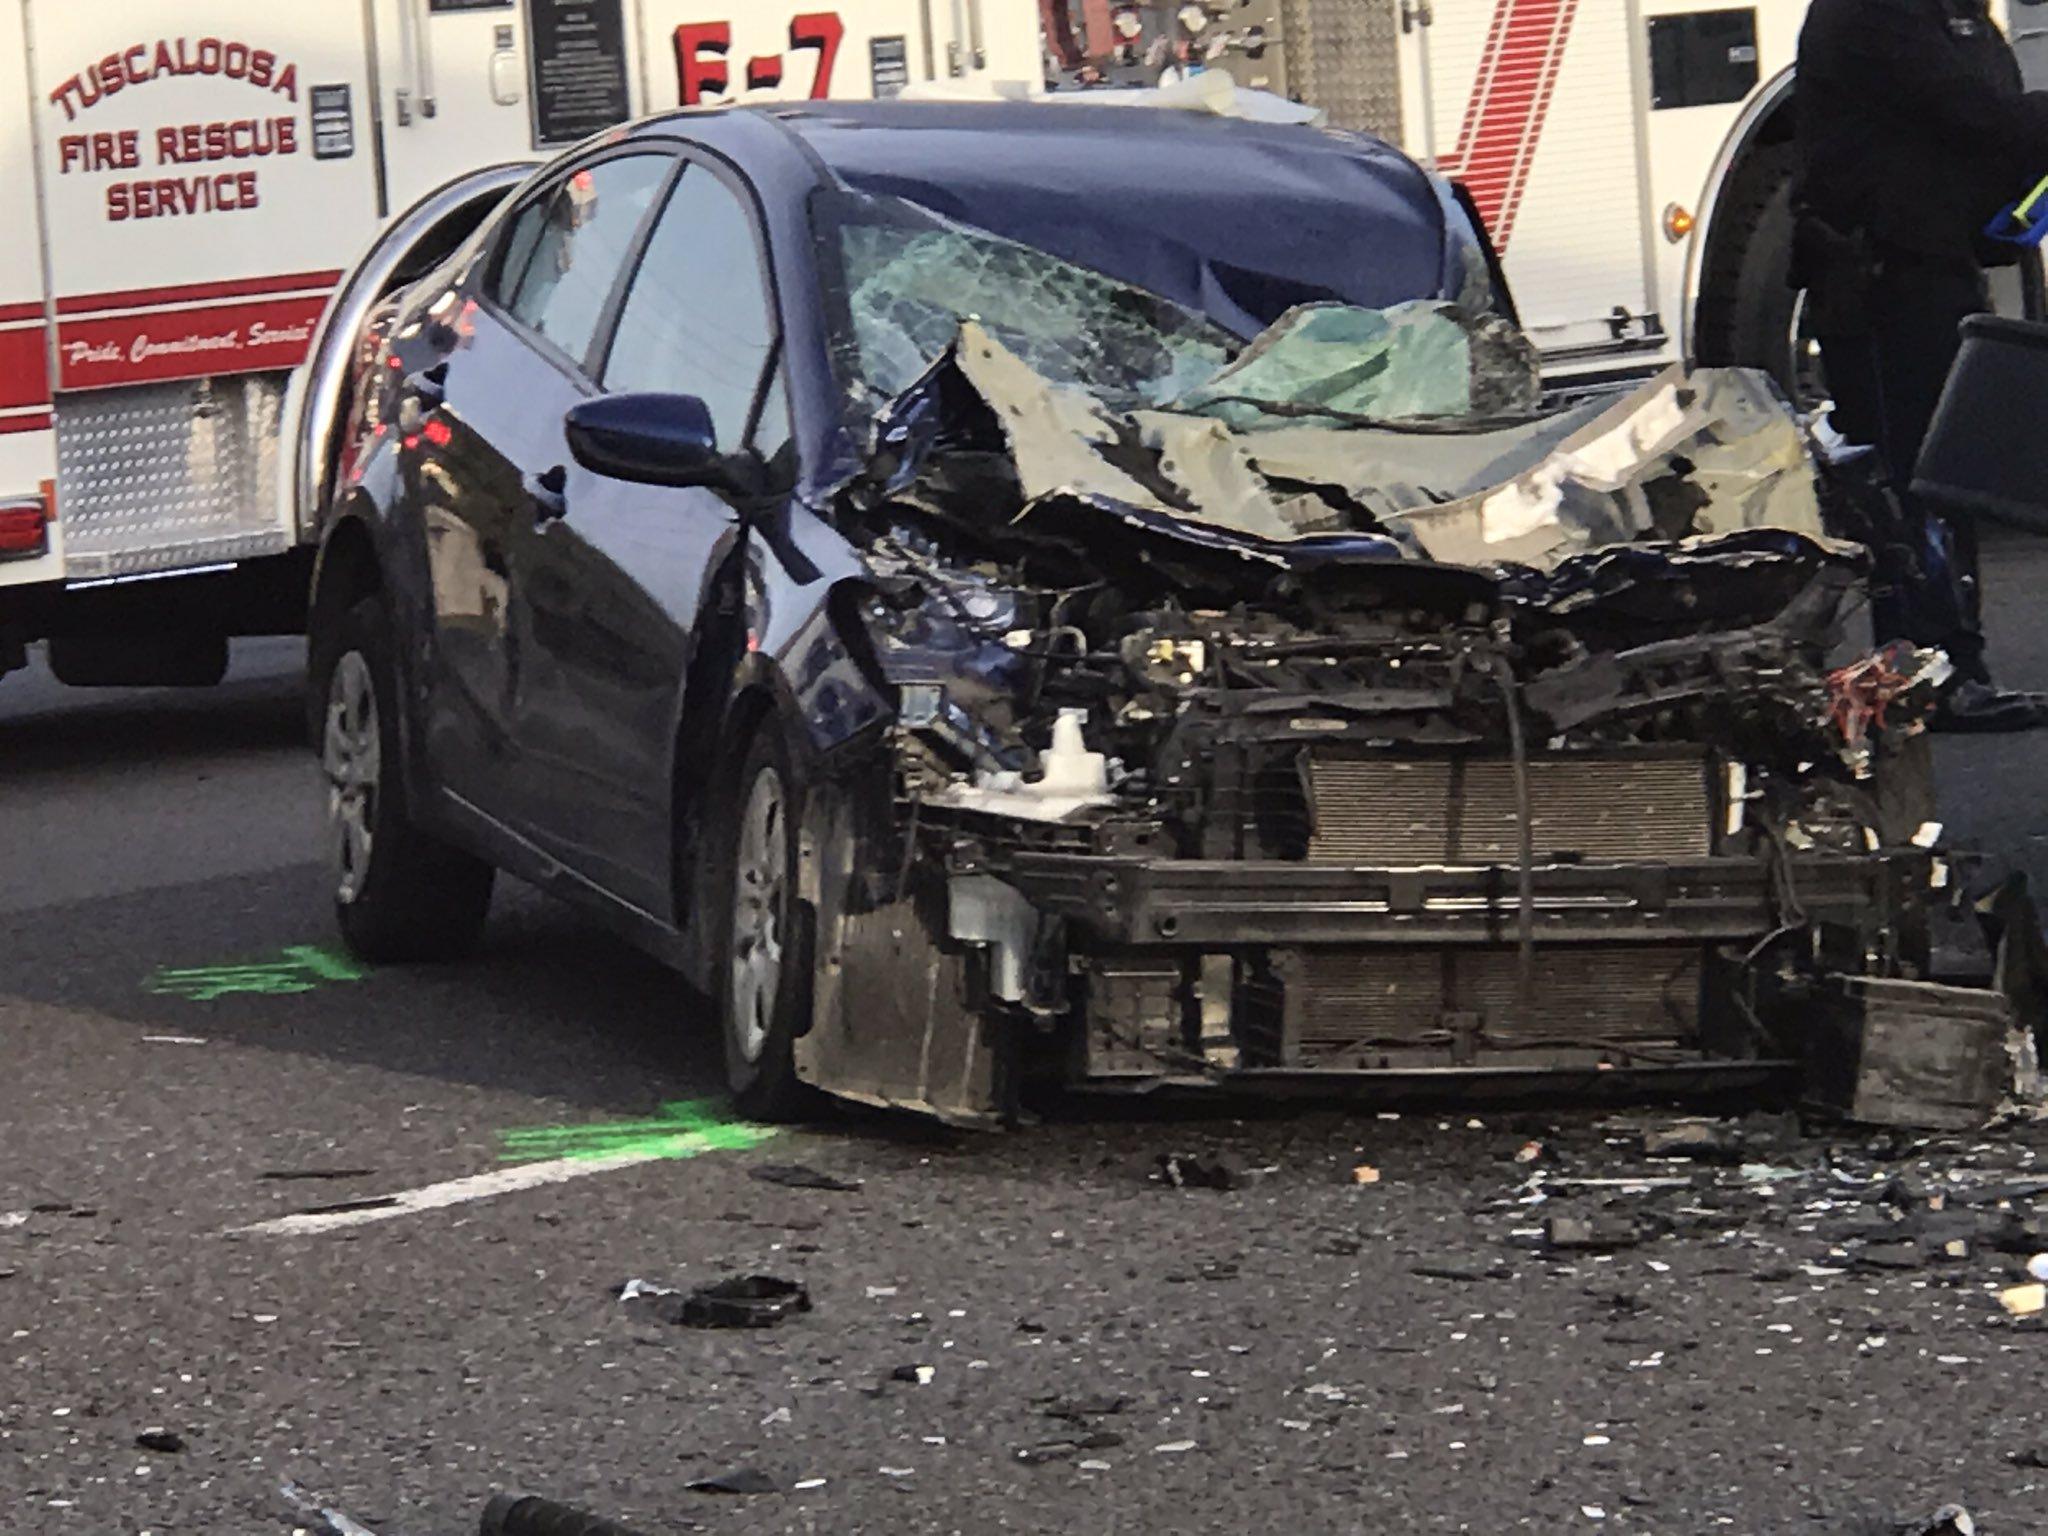 1 muerto después de accidente con autobús escolar involucrado, en Tuscaloosa